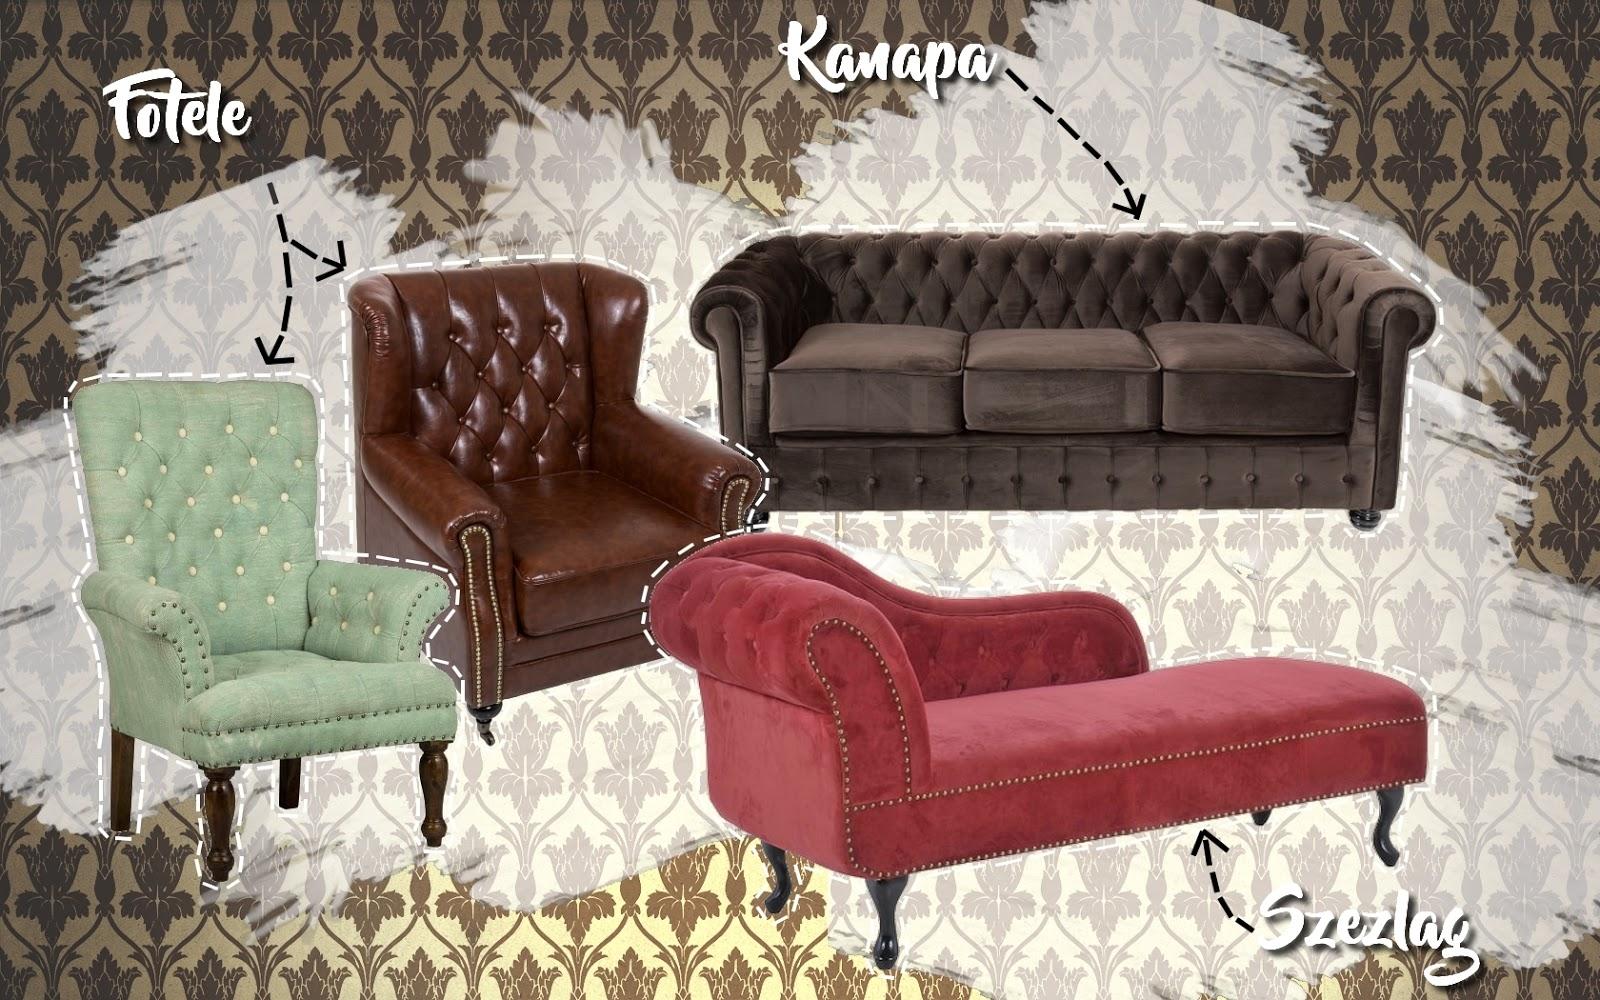 2 mieszkanie w stylu sherlocka holmesa bakerstreet 221b fotele kanapy ciekawe dodatki meble do salonu w londyńskim stylu